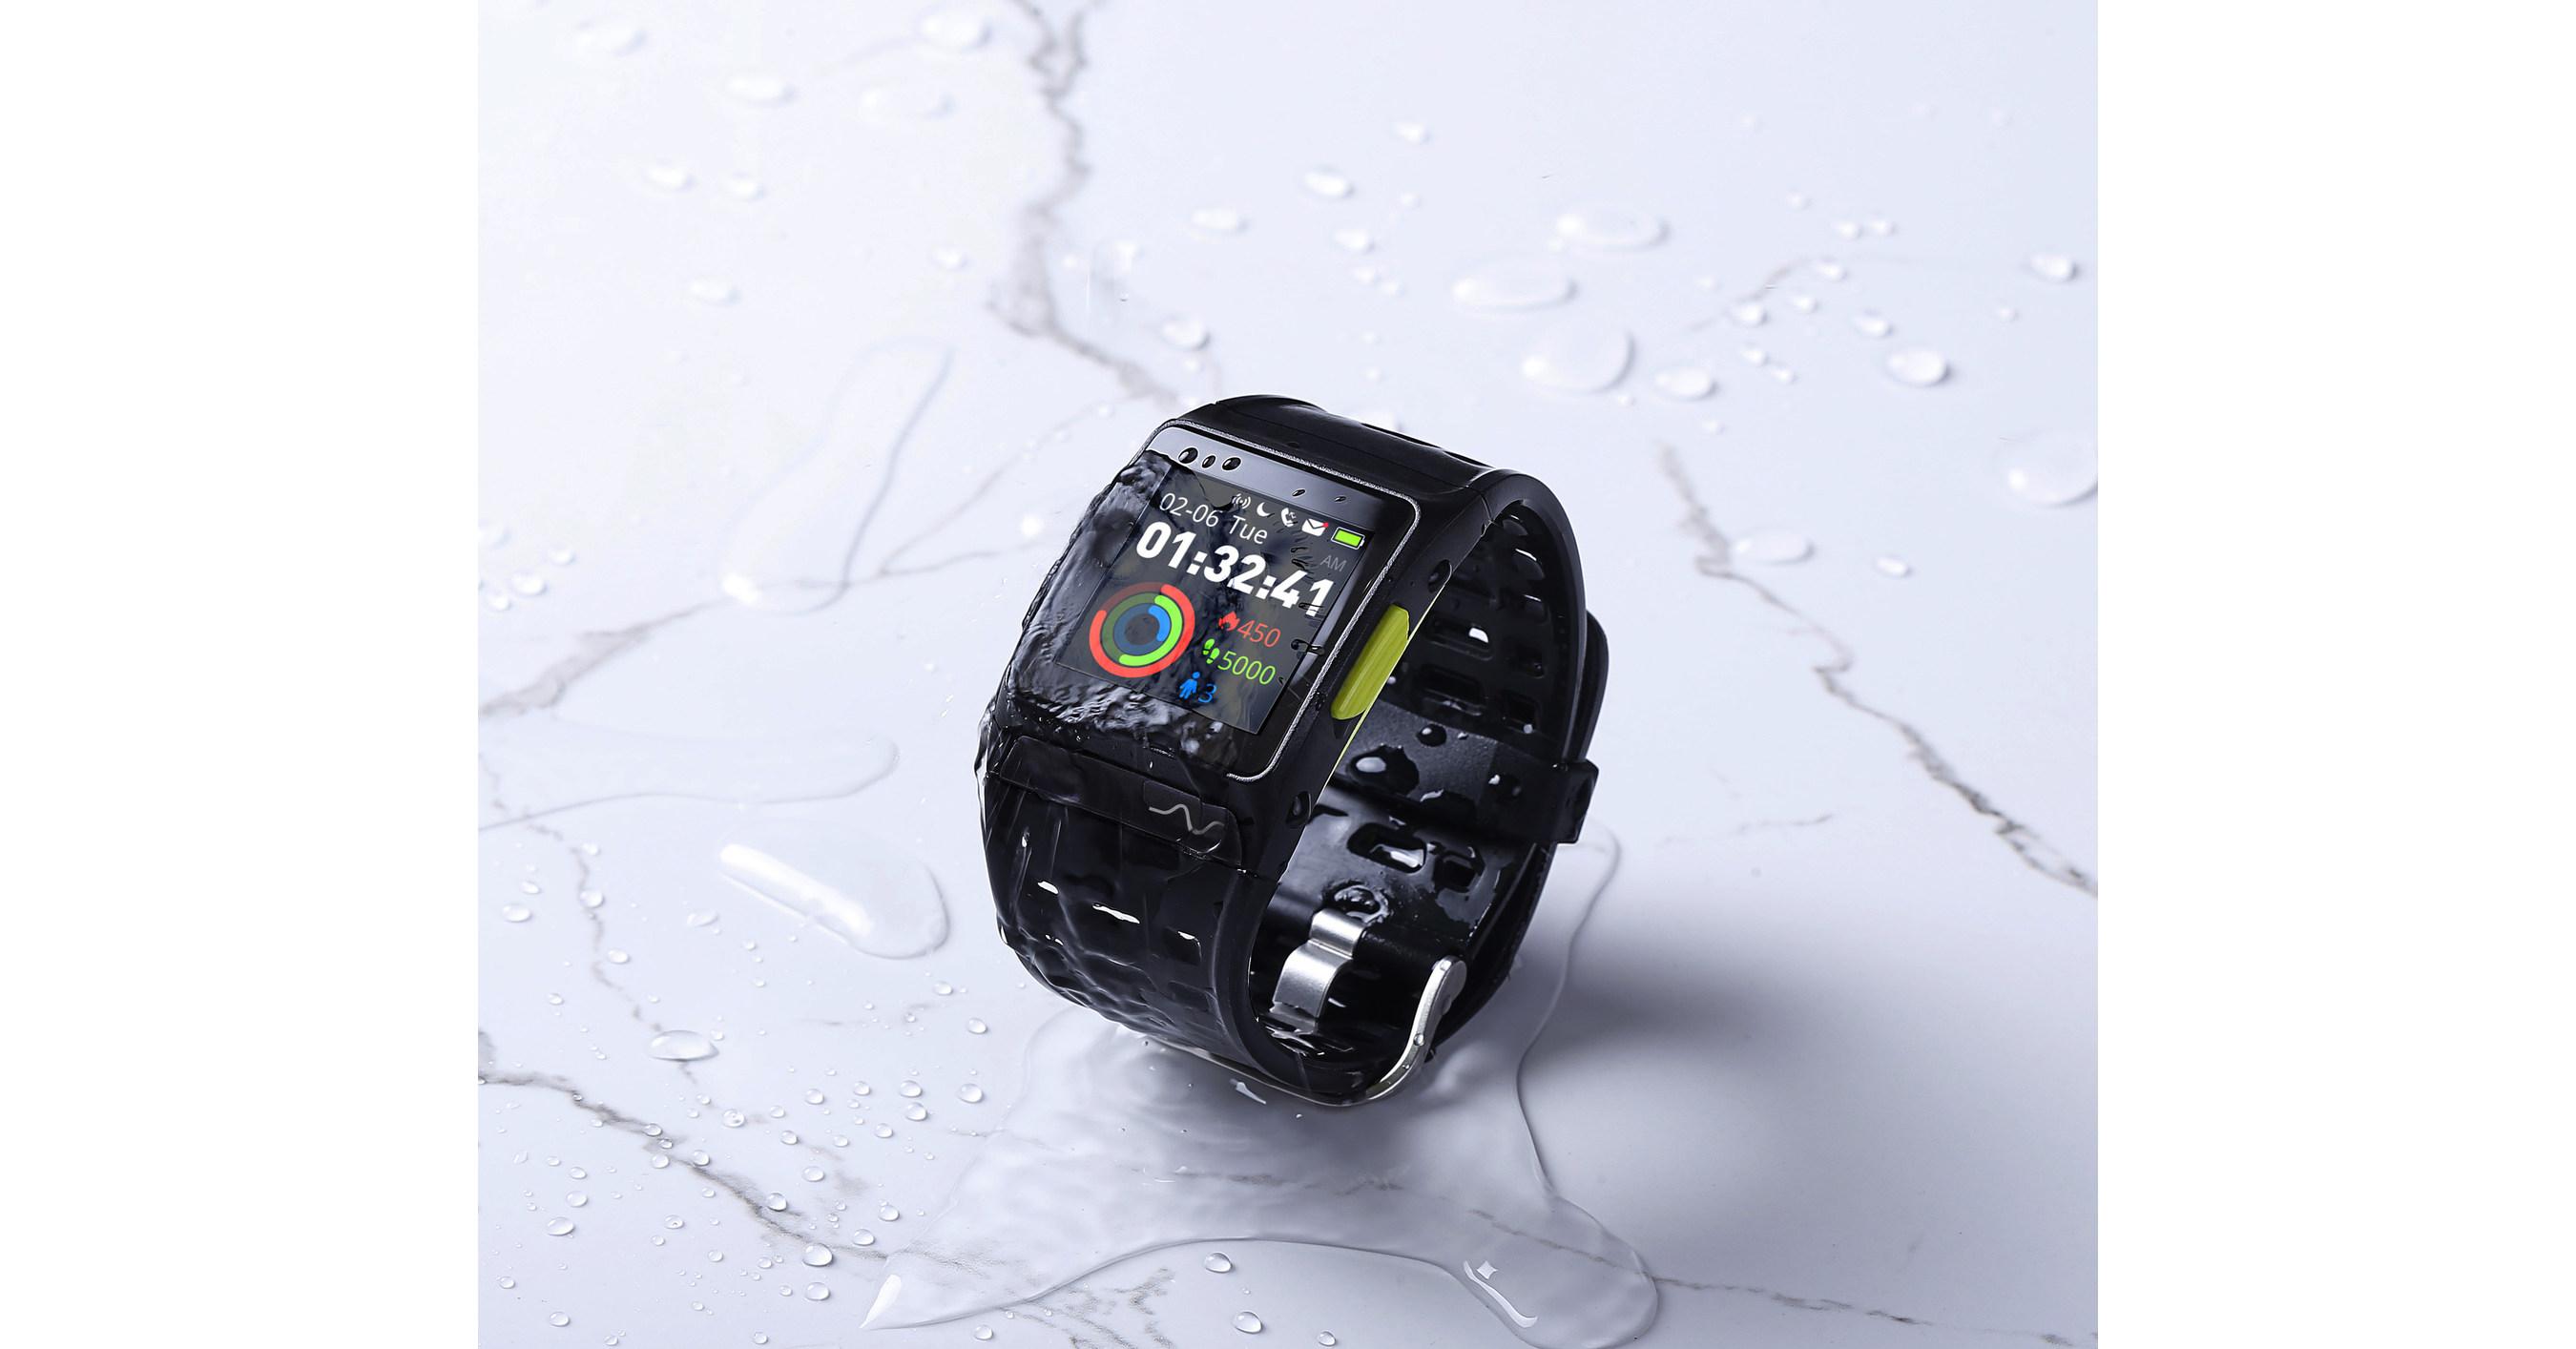 IWOWNFIT smart watch jpg?p=facebook.